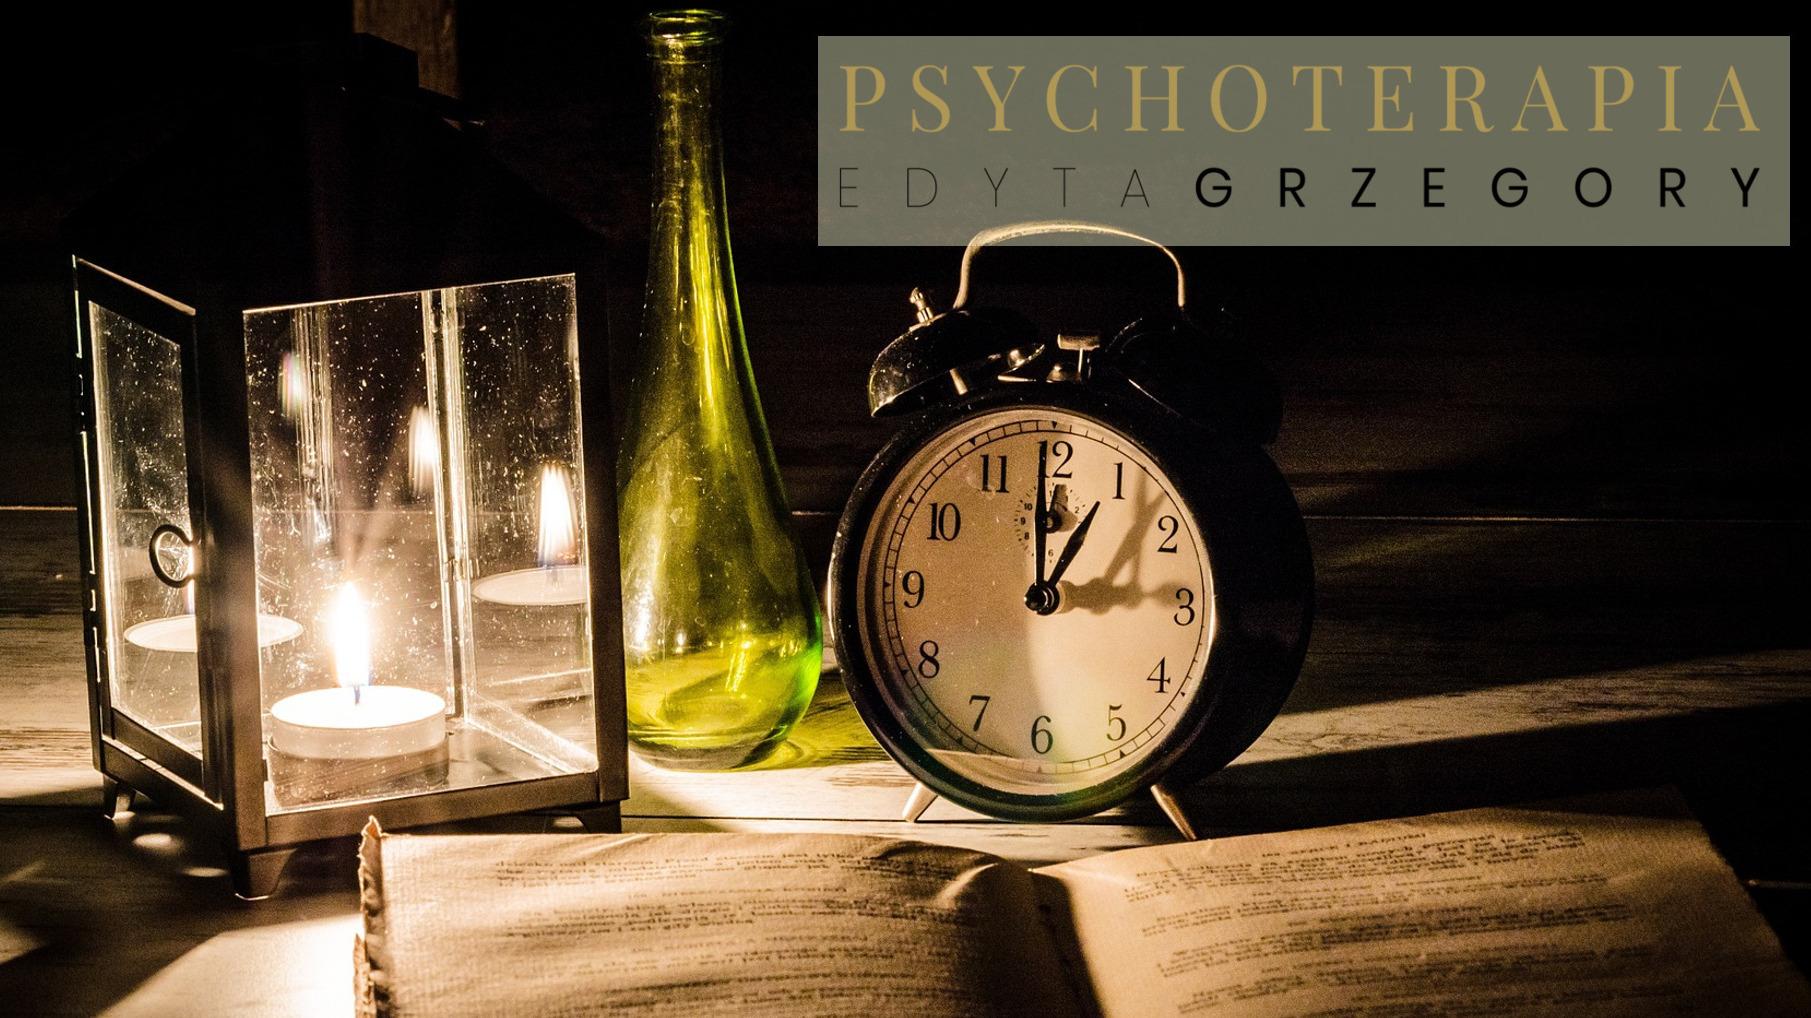 Psychoterapia Edyta Grzegory